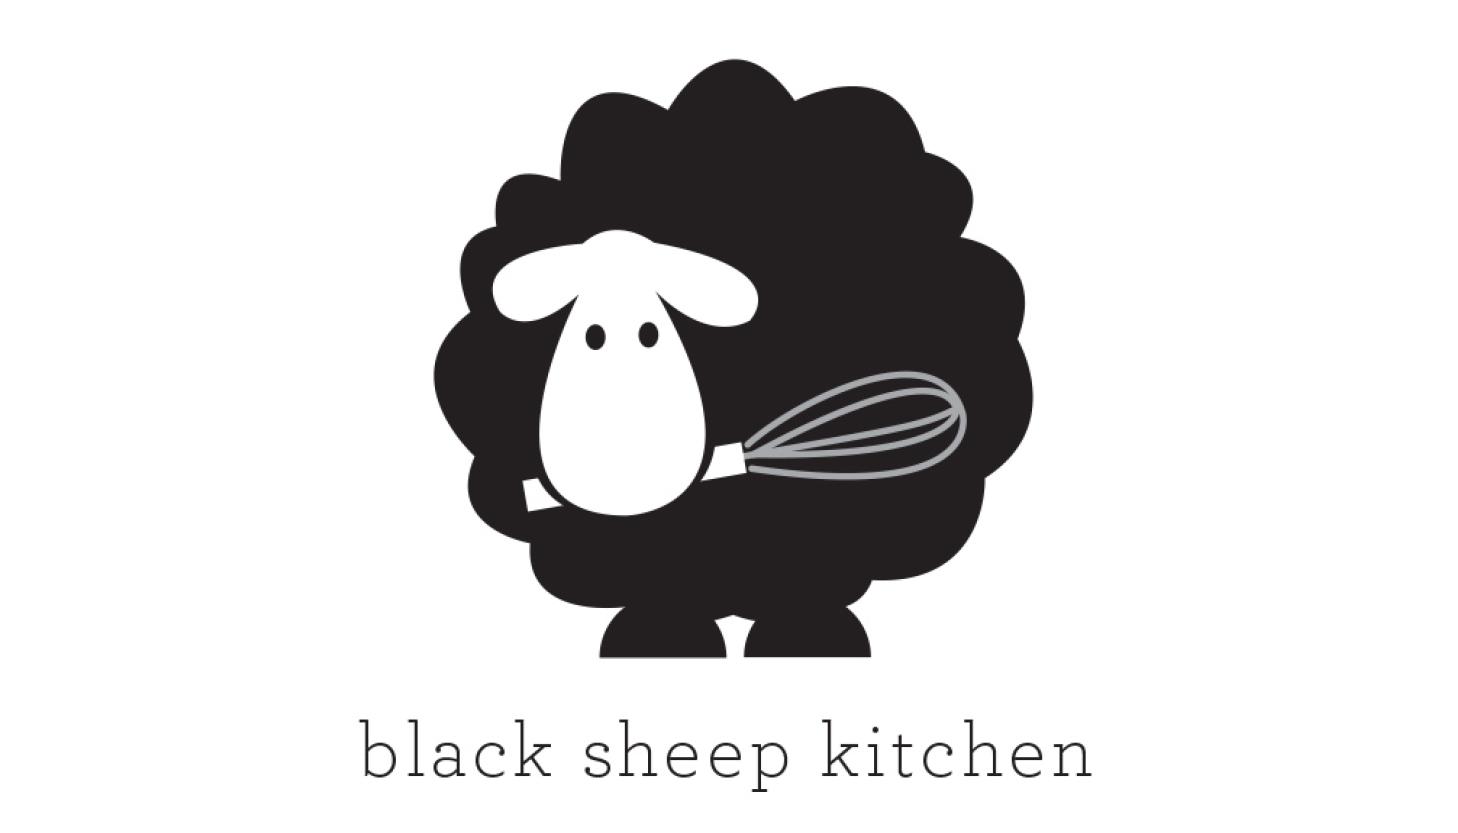 Black Sheep Kithen 001.png